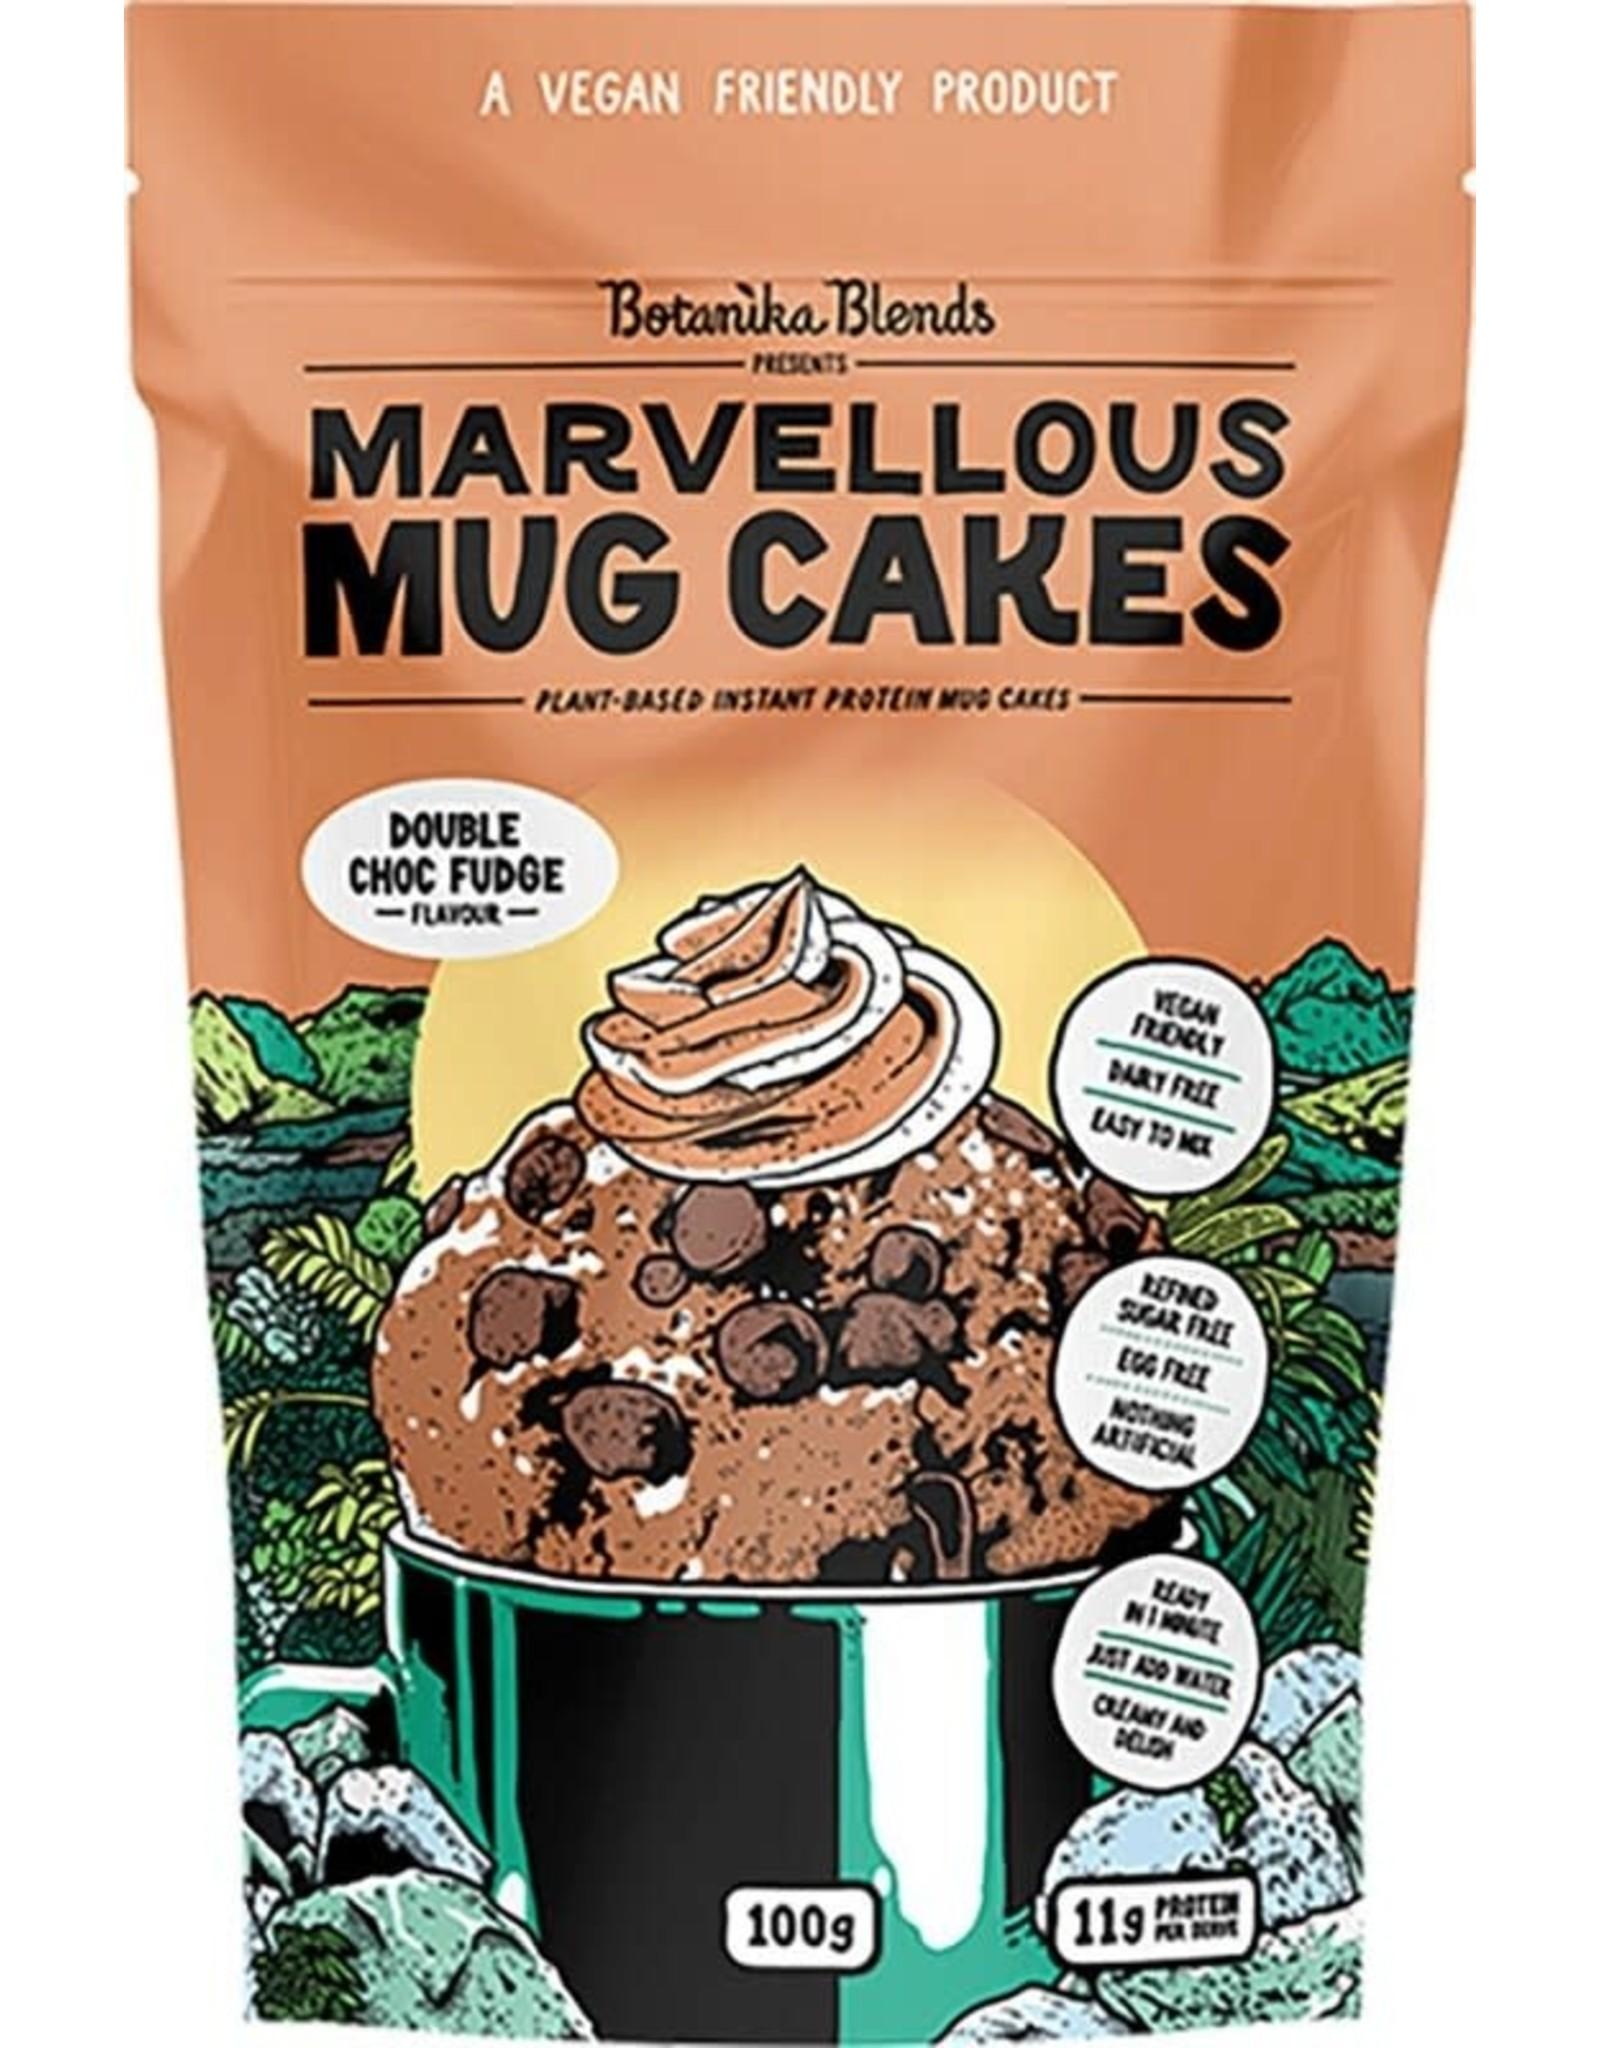 Botanika Marvellous Mug Cakes Double Choc Fudge - 100g